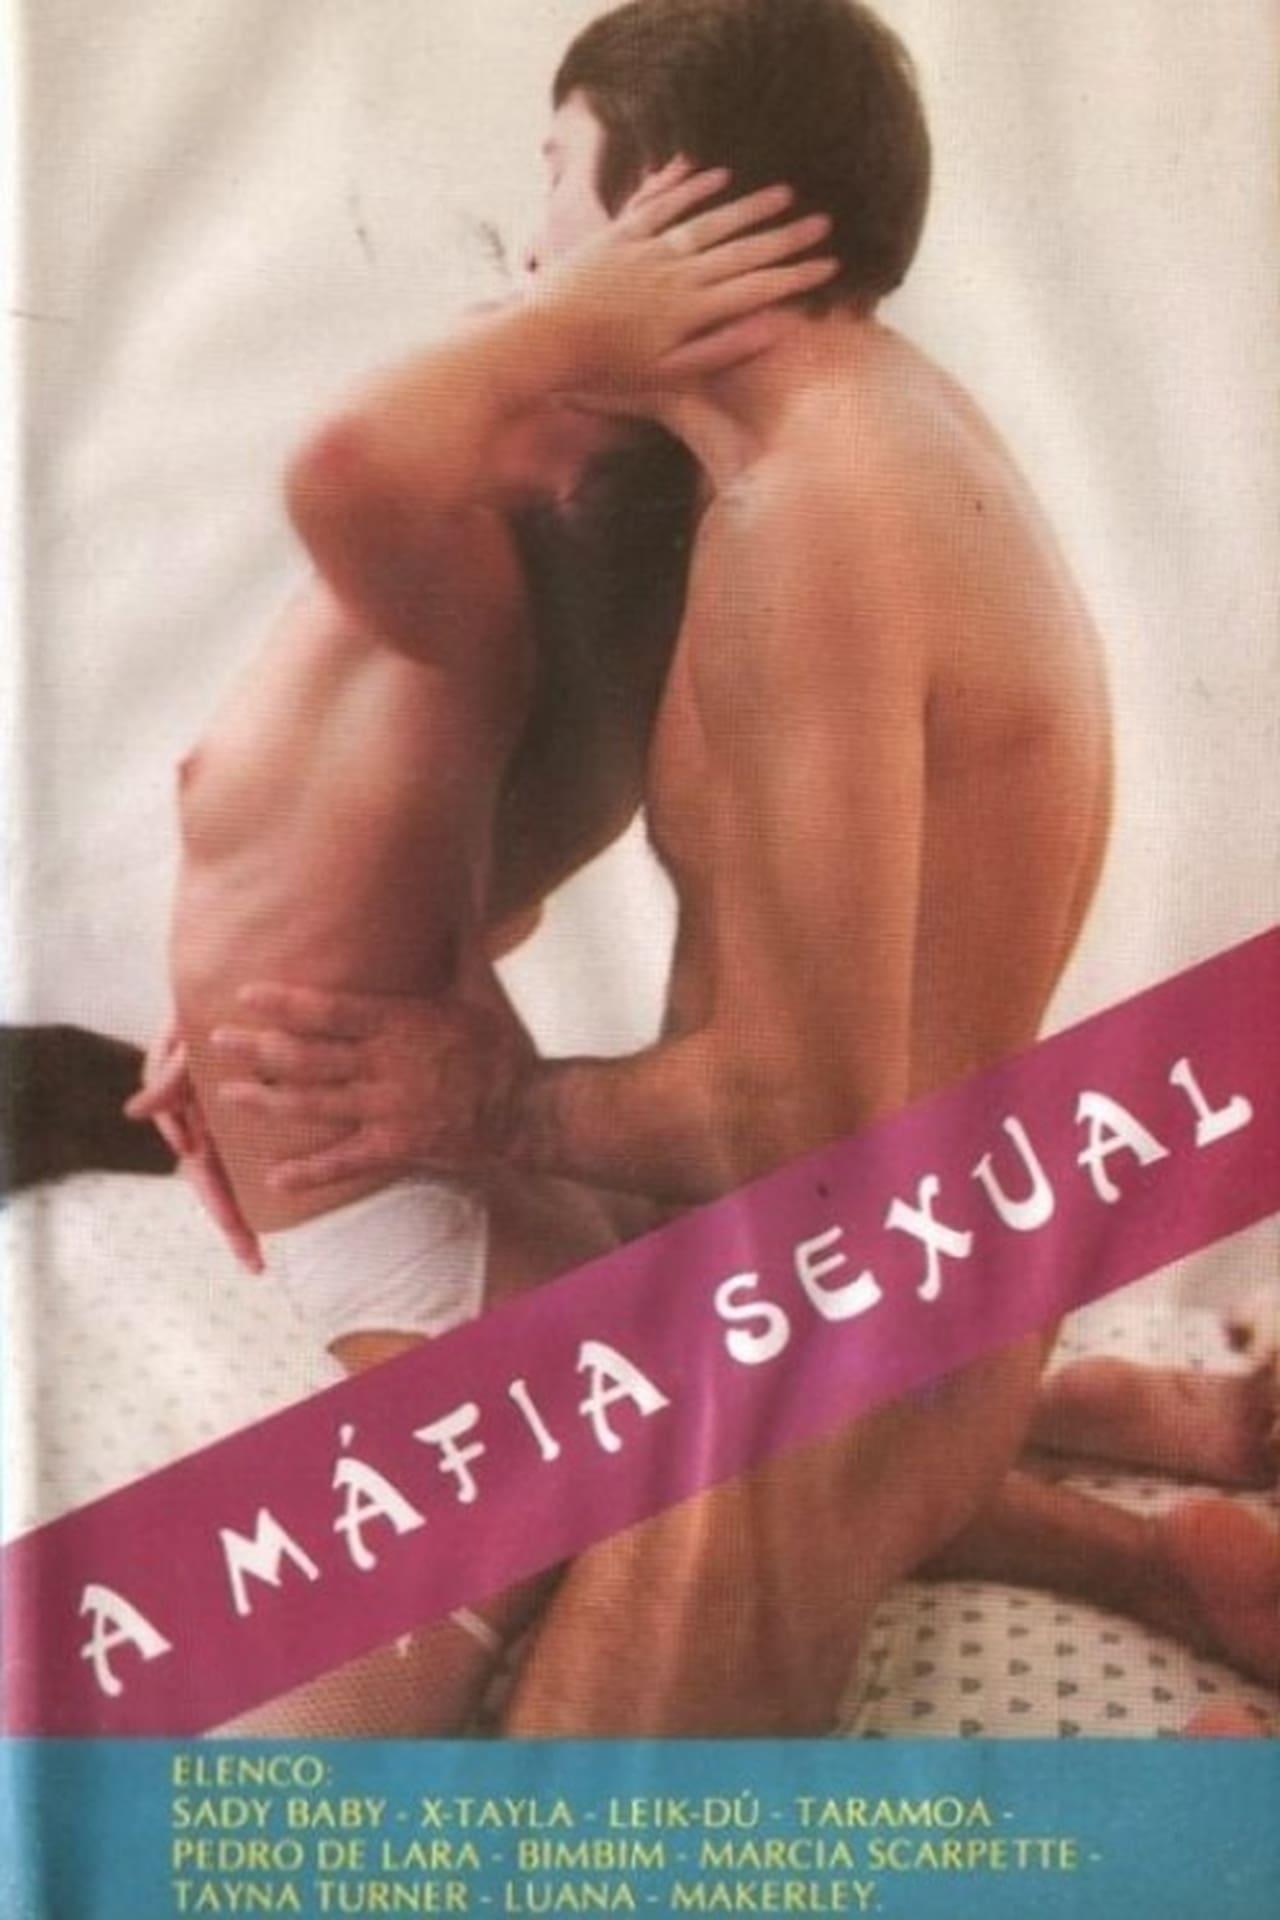 The Sexual Mafia